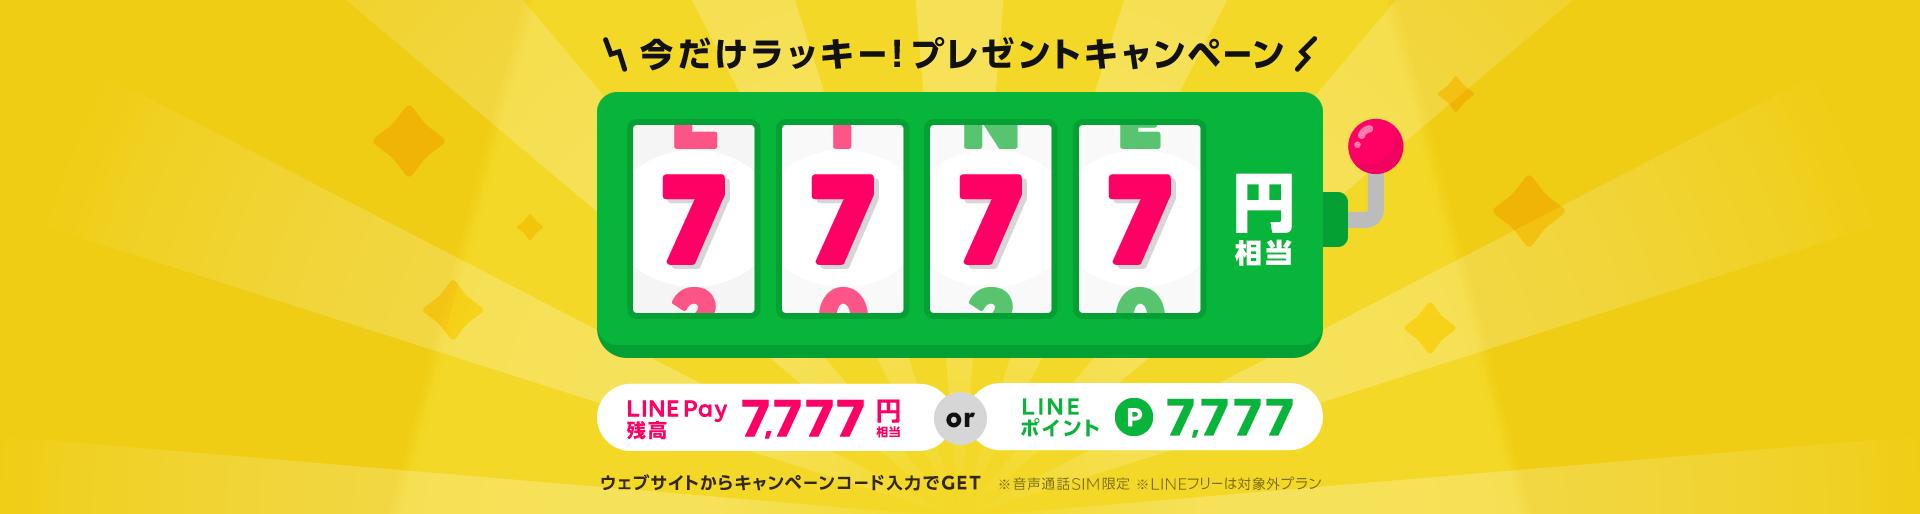 今だけラッキー!LINEPay残高 7,777円相当かLINEポイント 7,777ポイントをプレゼントキャンペーン実施中。格安スマホ、格安SIMならLINEモバイル。